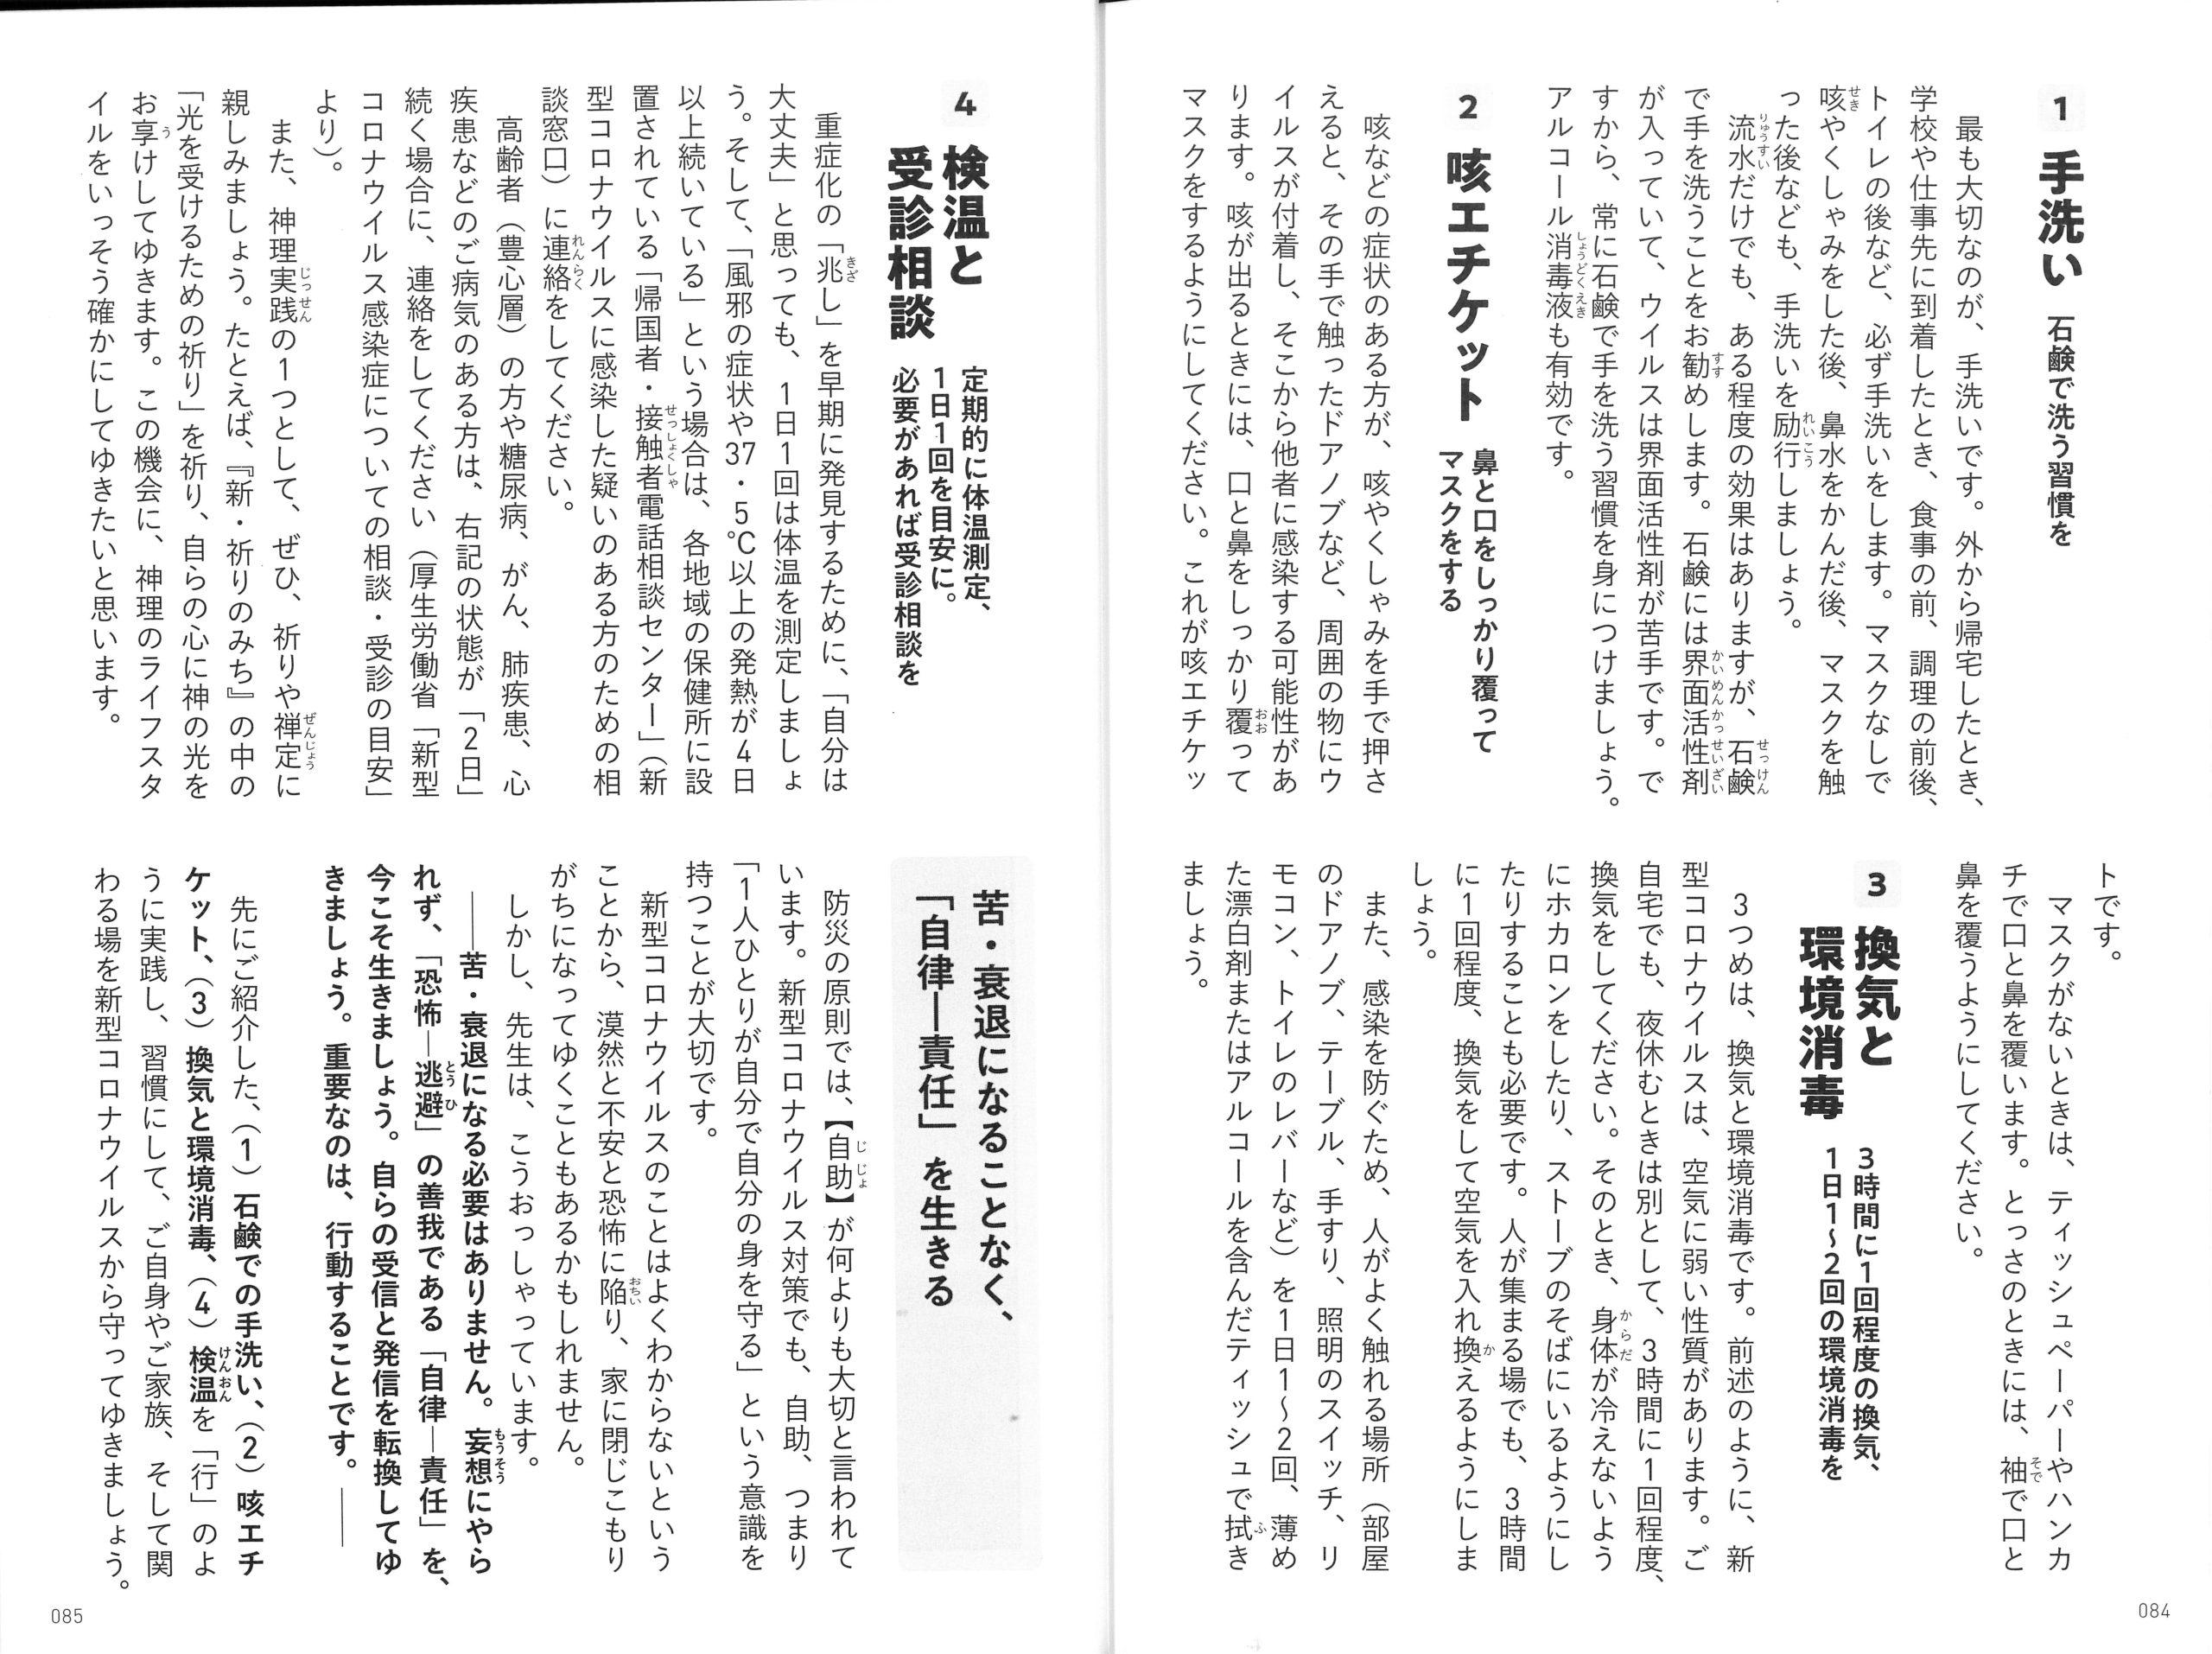 200312_GLA誌_ウィルス対策-2